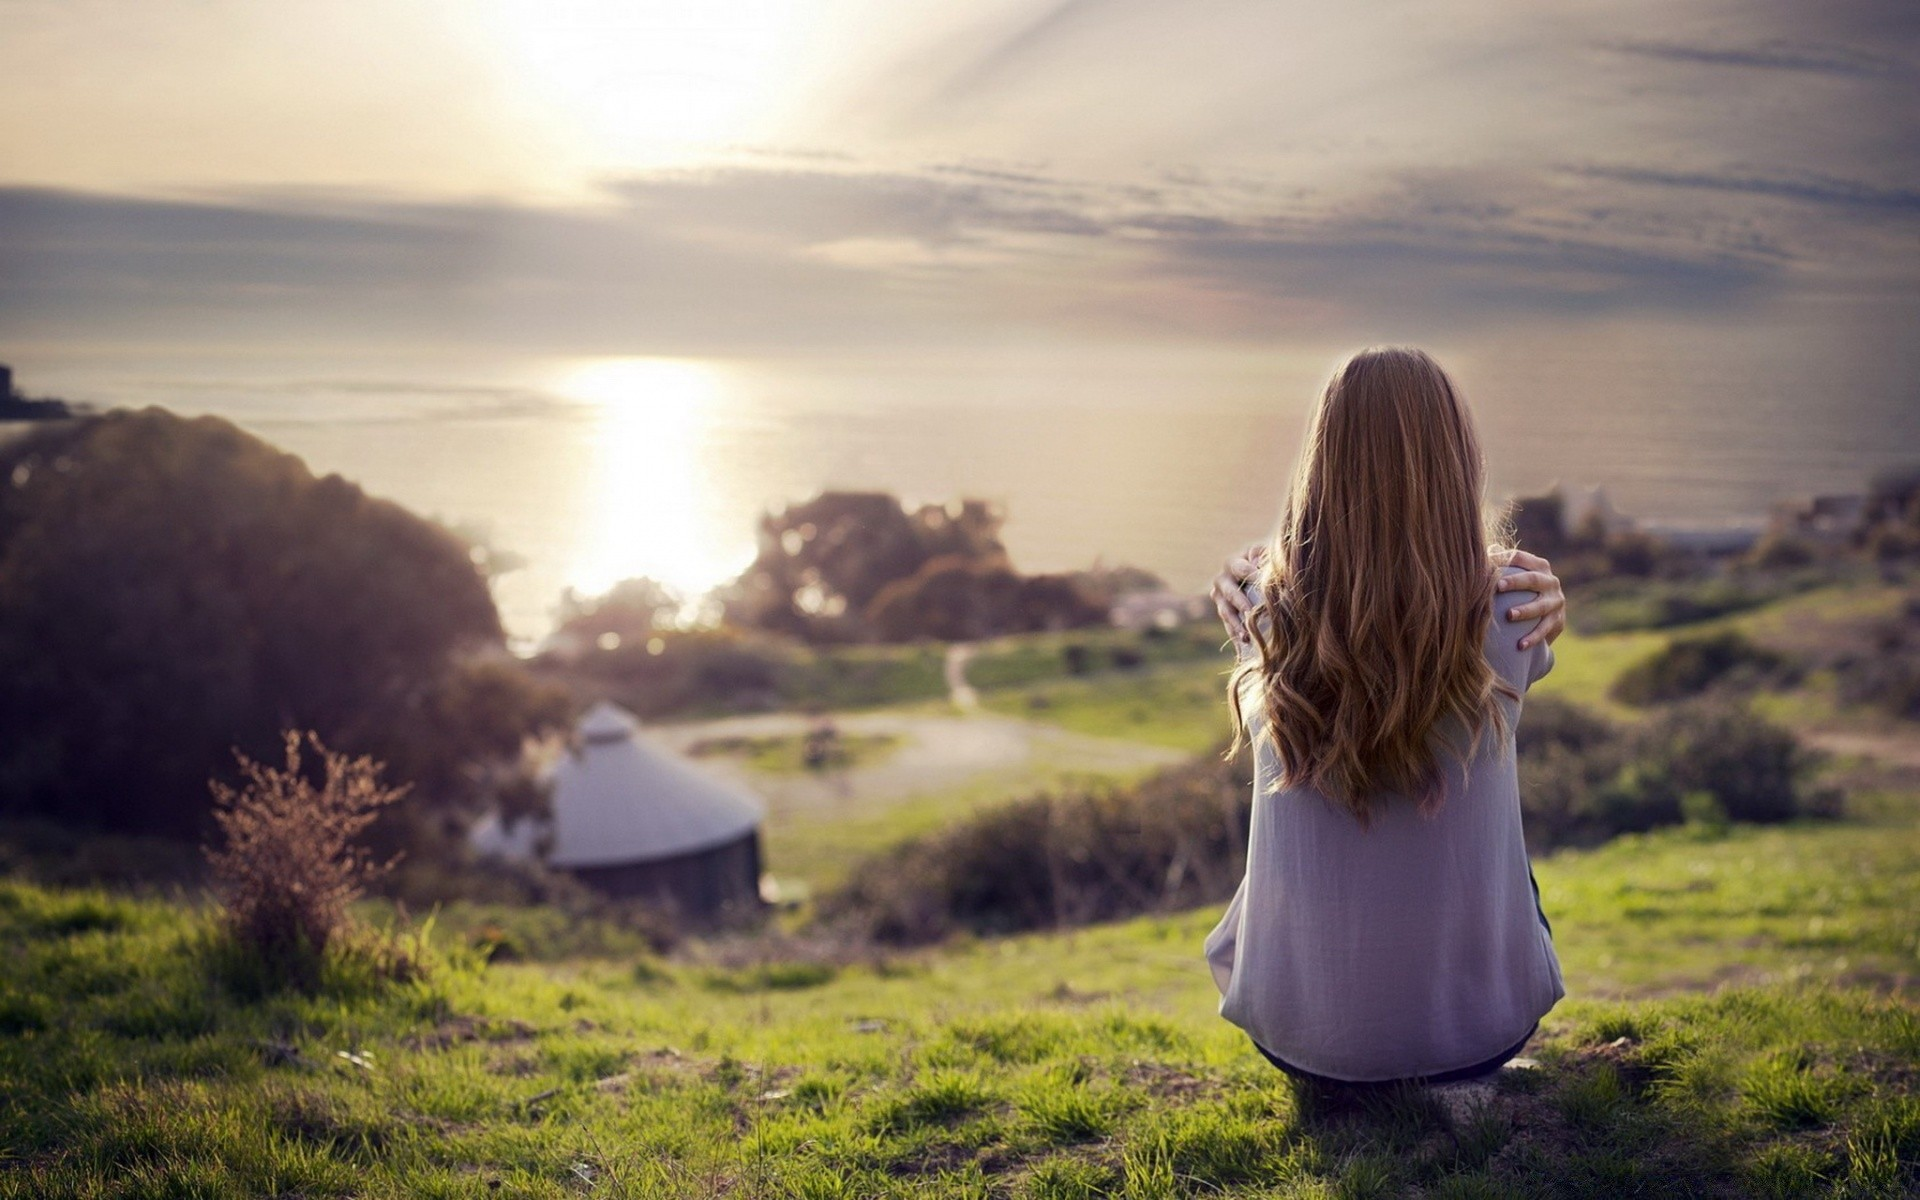 Красивая девушка на фоне красивого пейзажа — pic 13